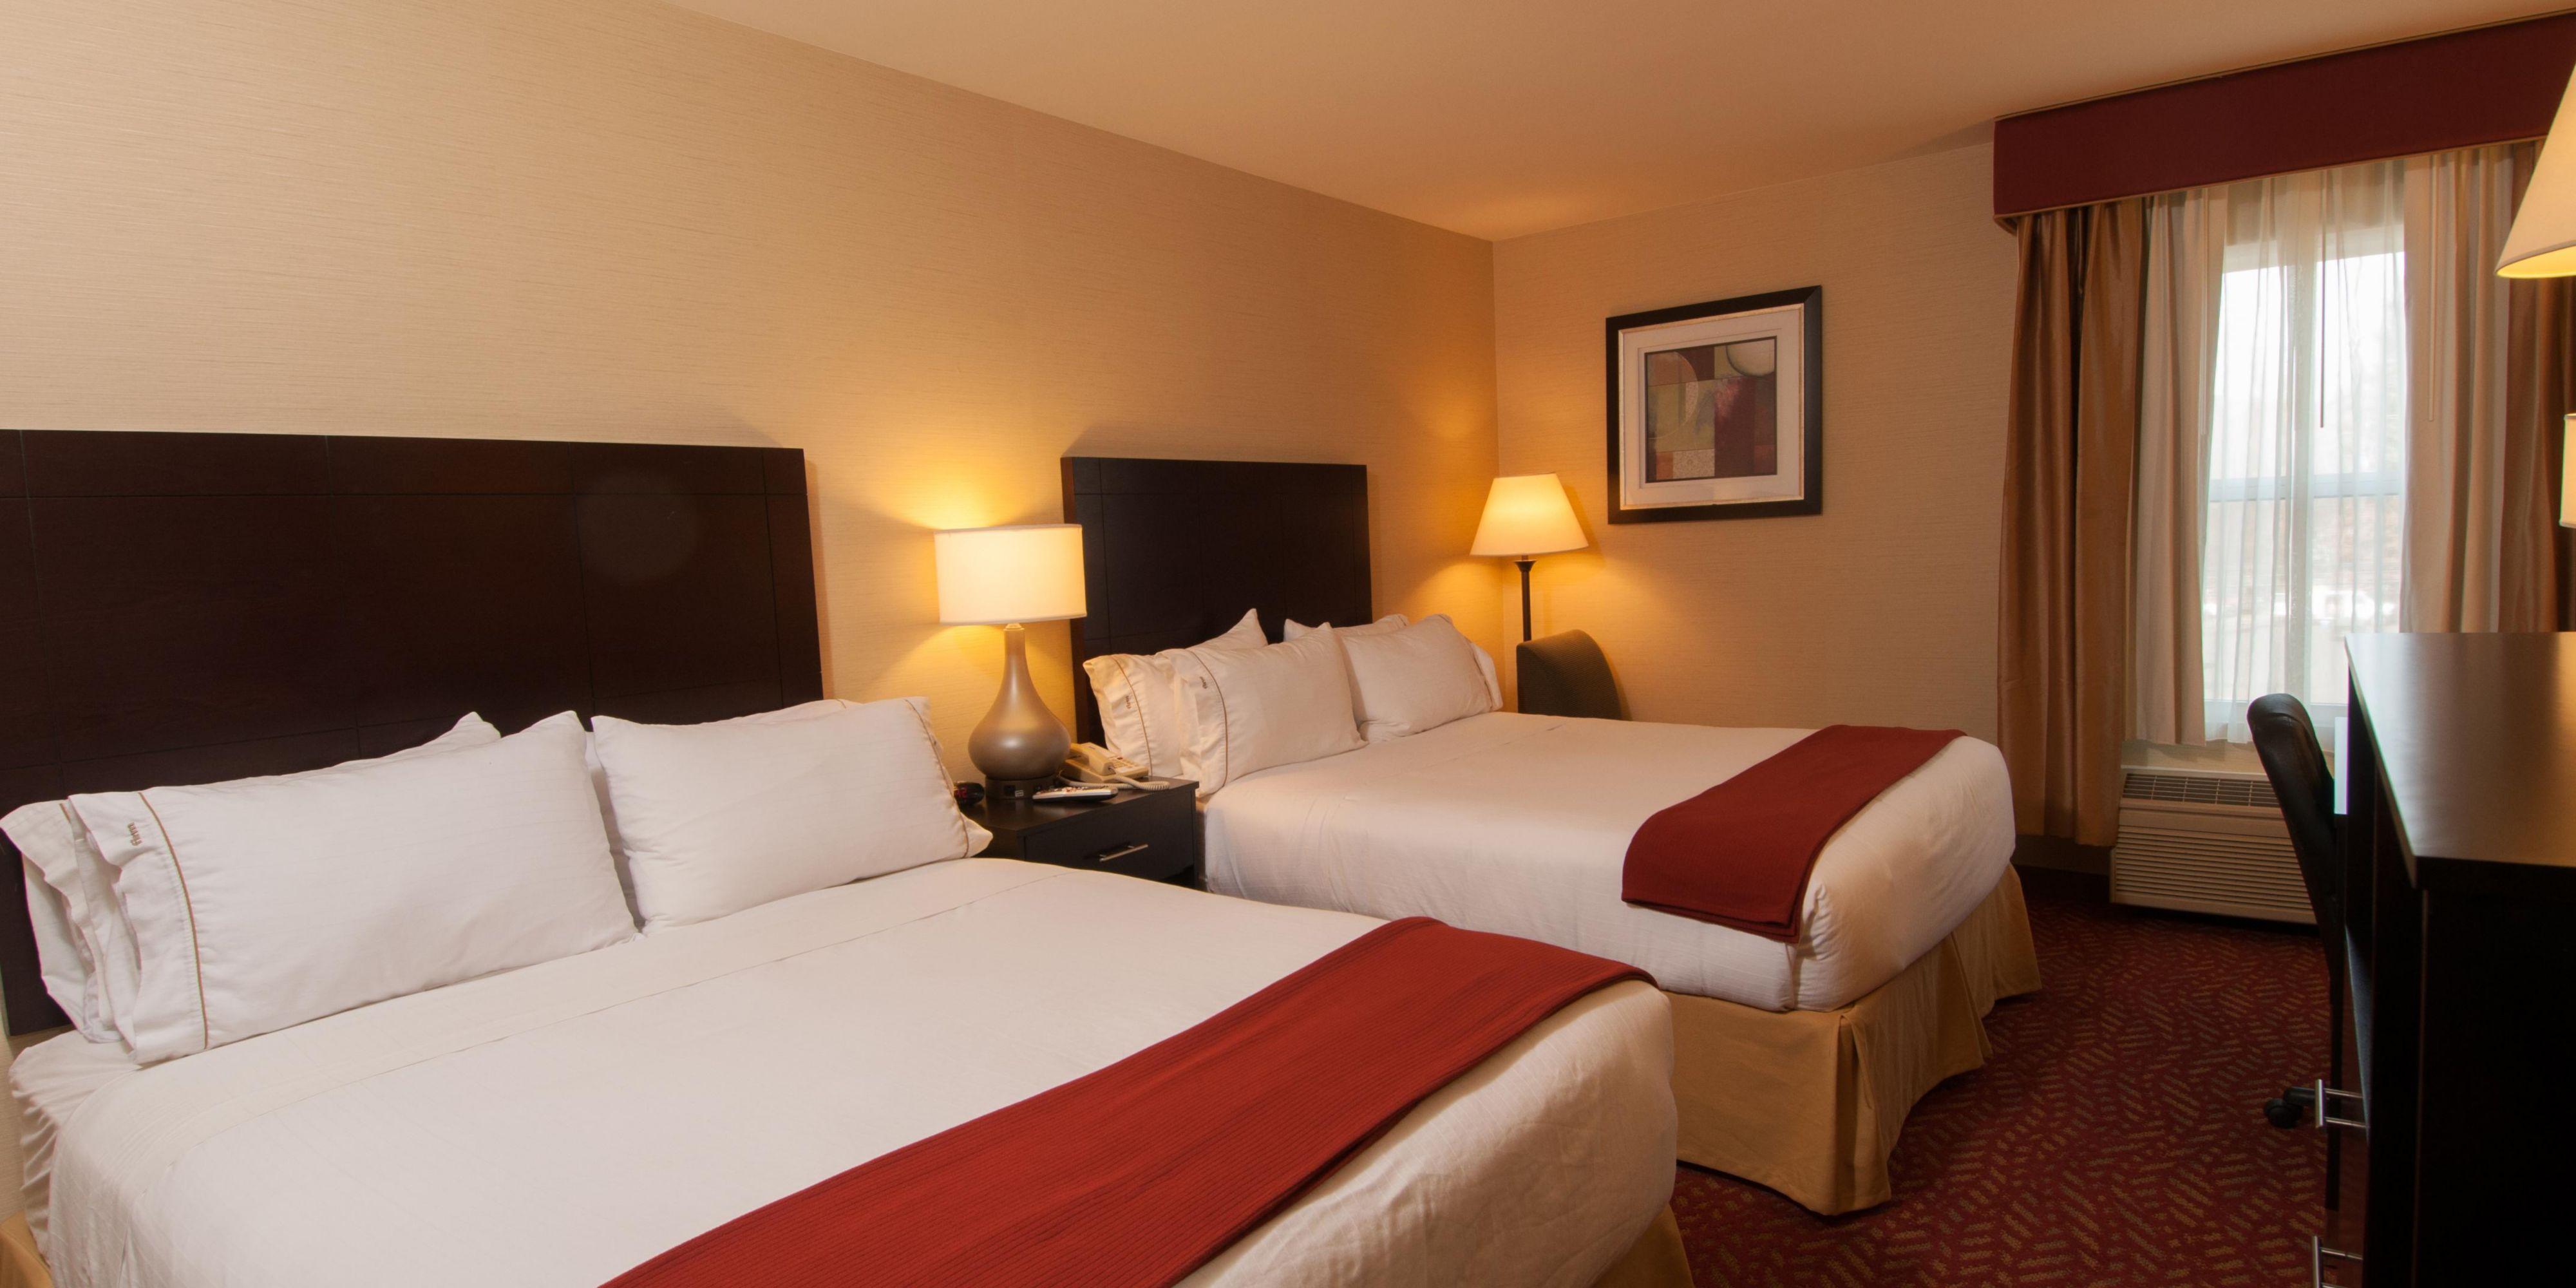 Holiday Inn Express Vernon 4605574103 2x1